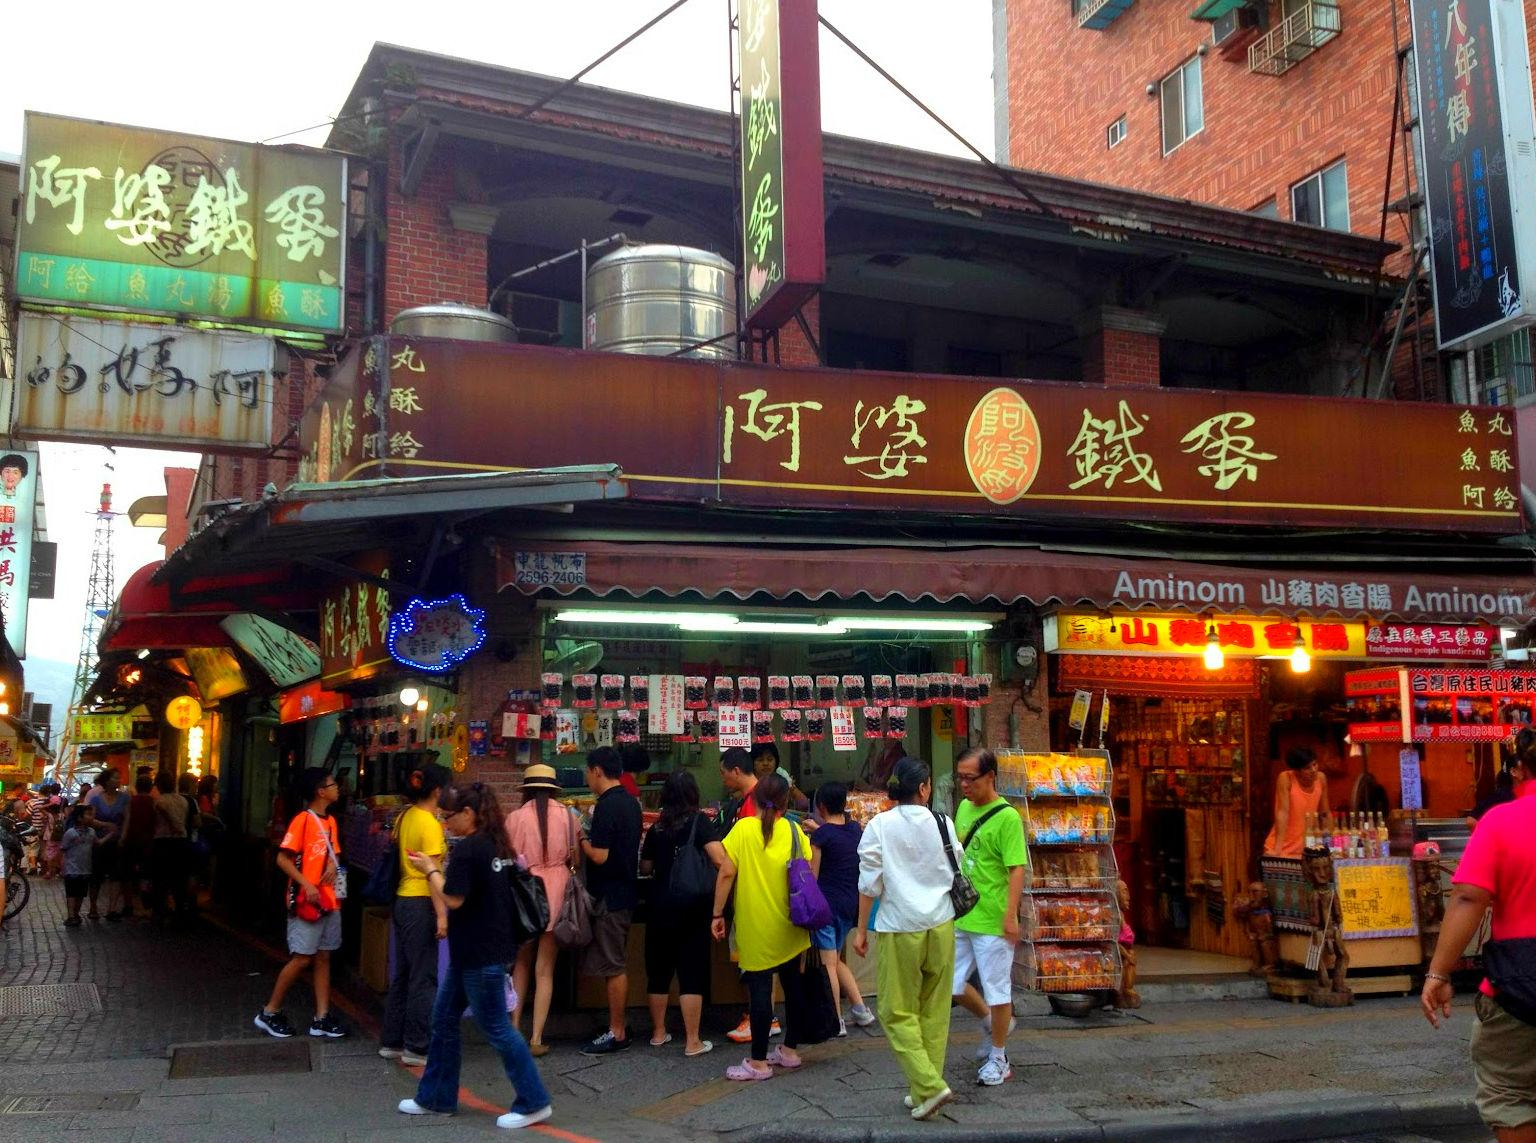 Phố Cổ Đạm Thủy – Điểm du lịch được yêu thích hàng đầu tại Đài Loan